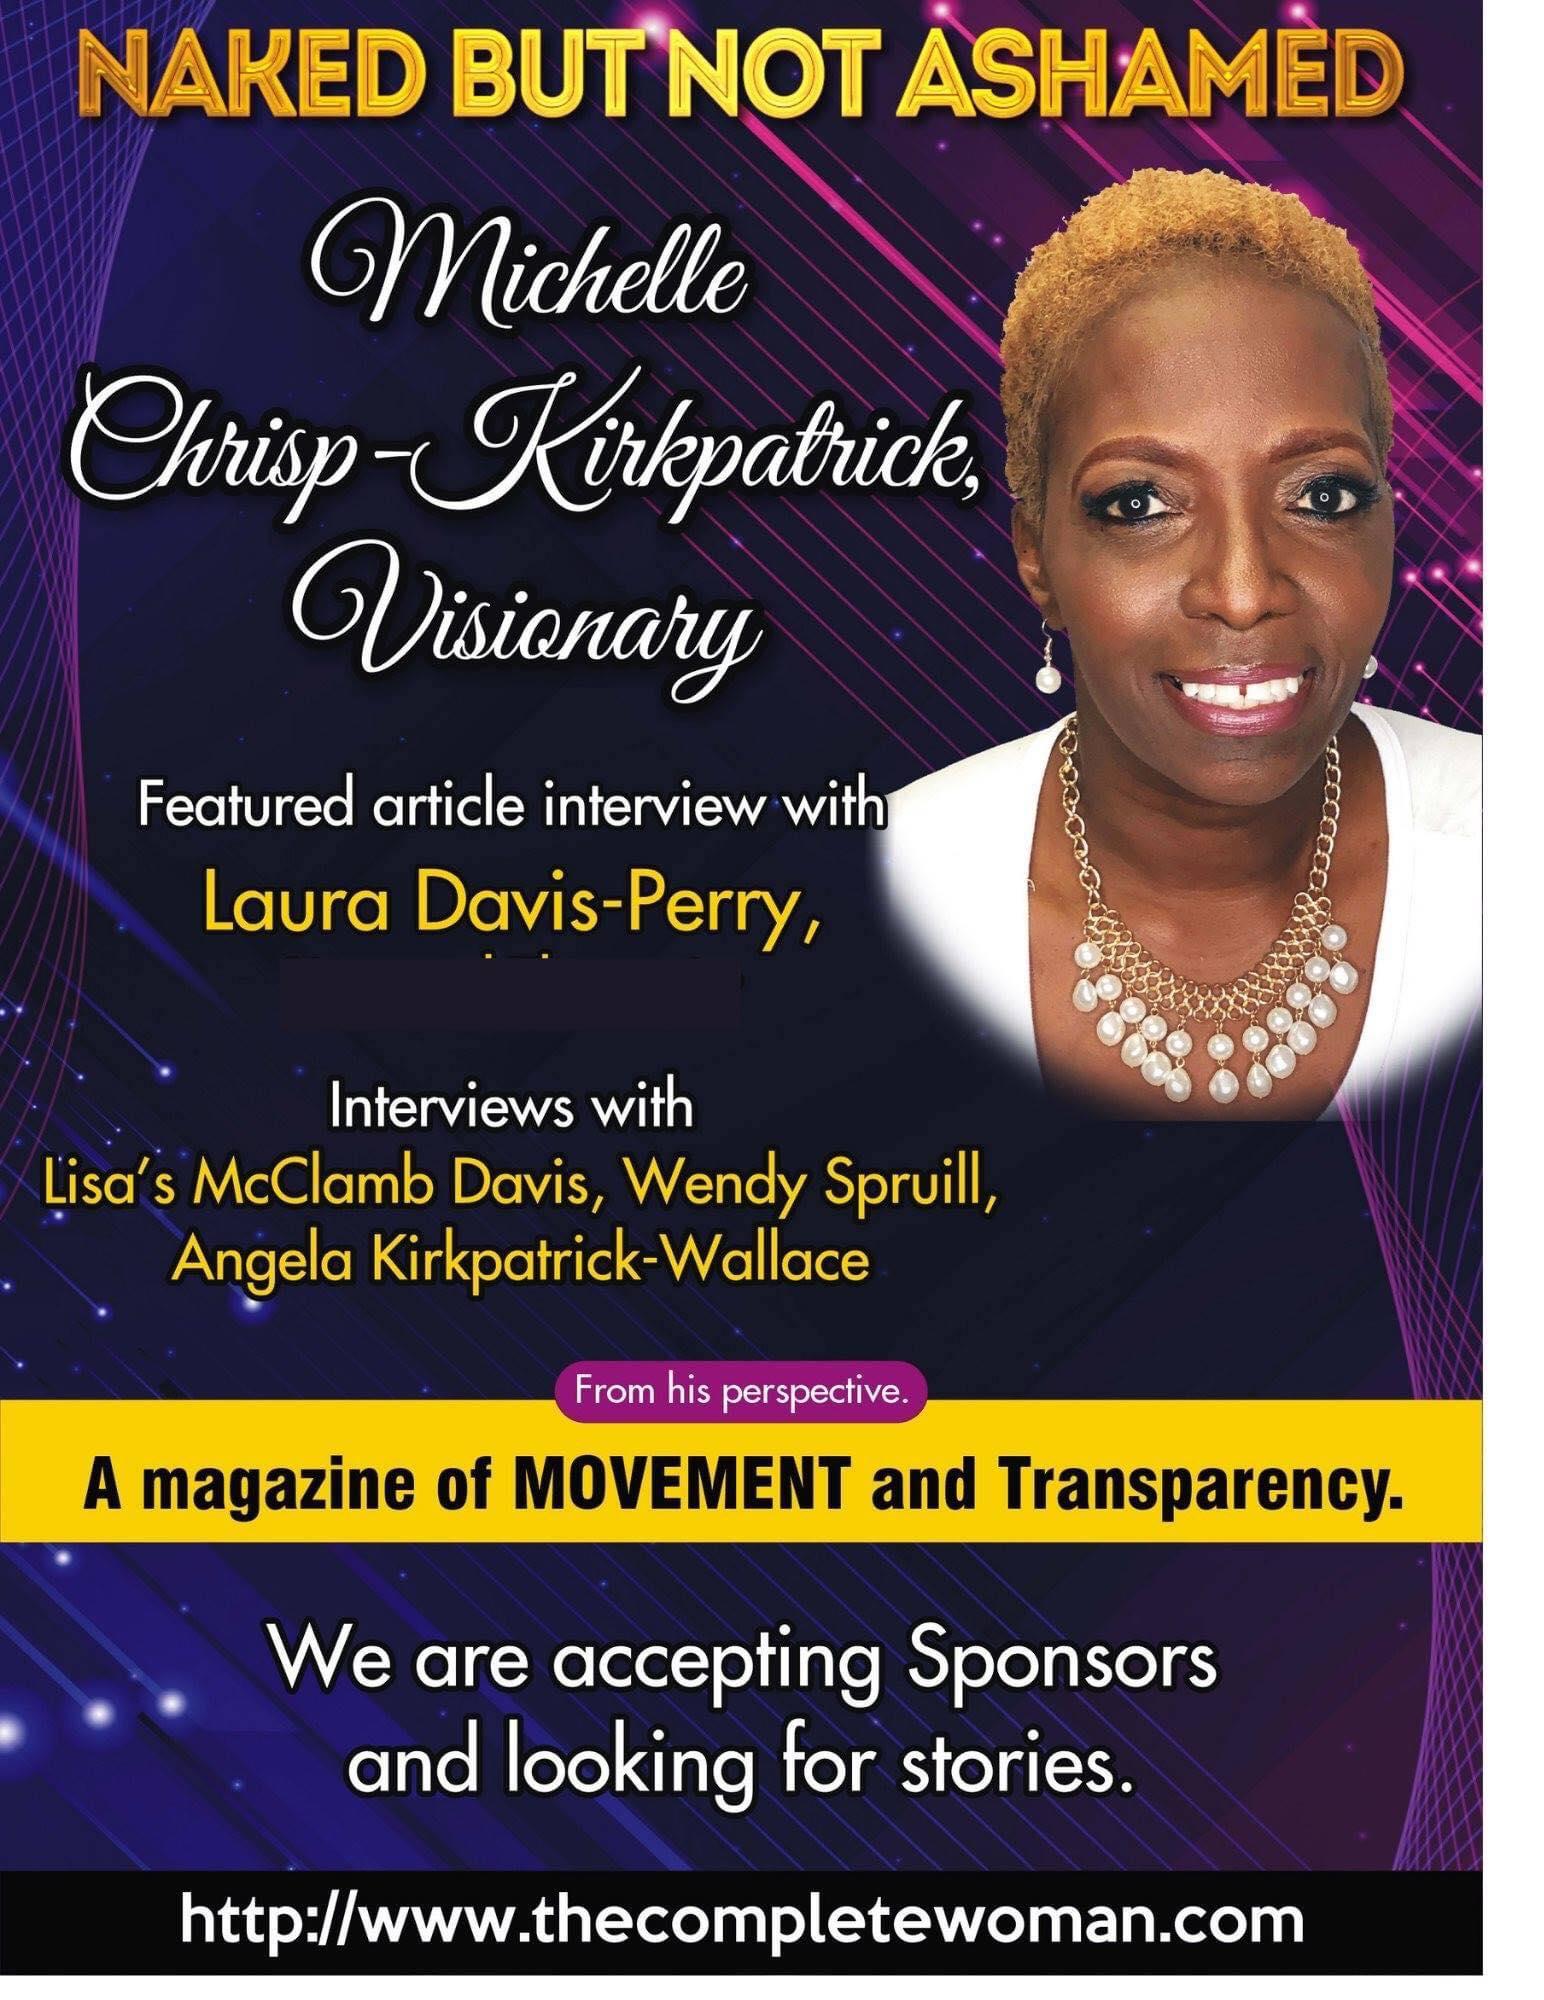 Magazine Sponsorship